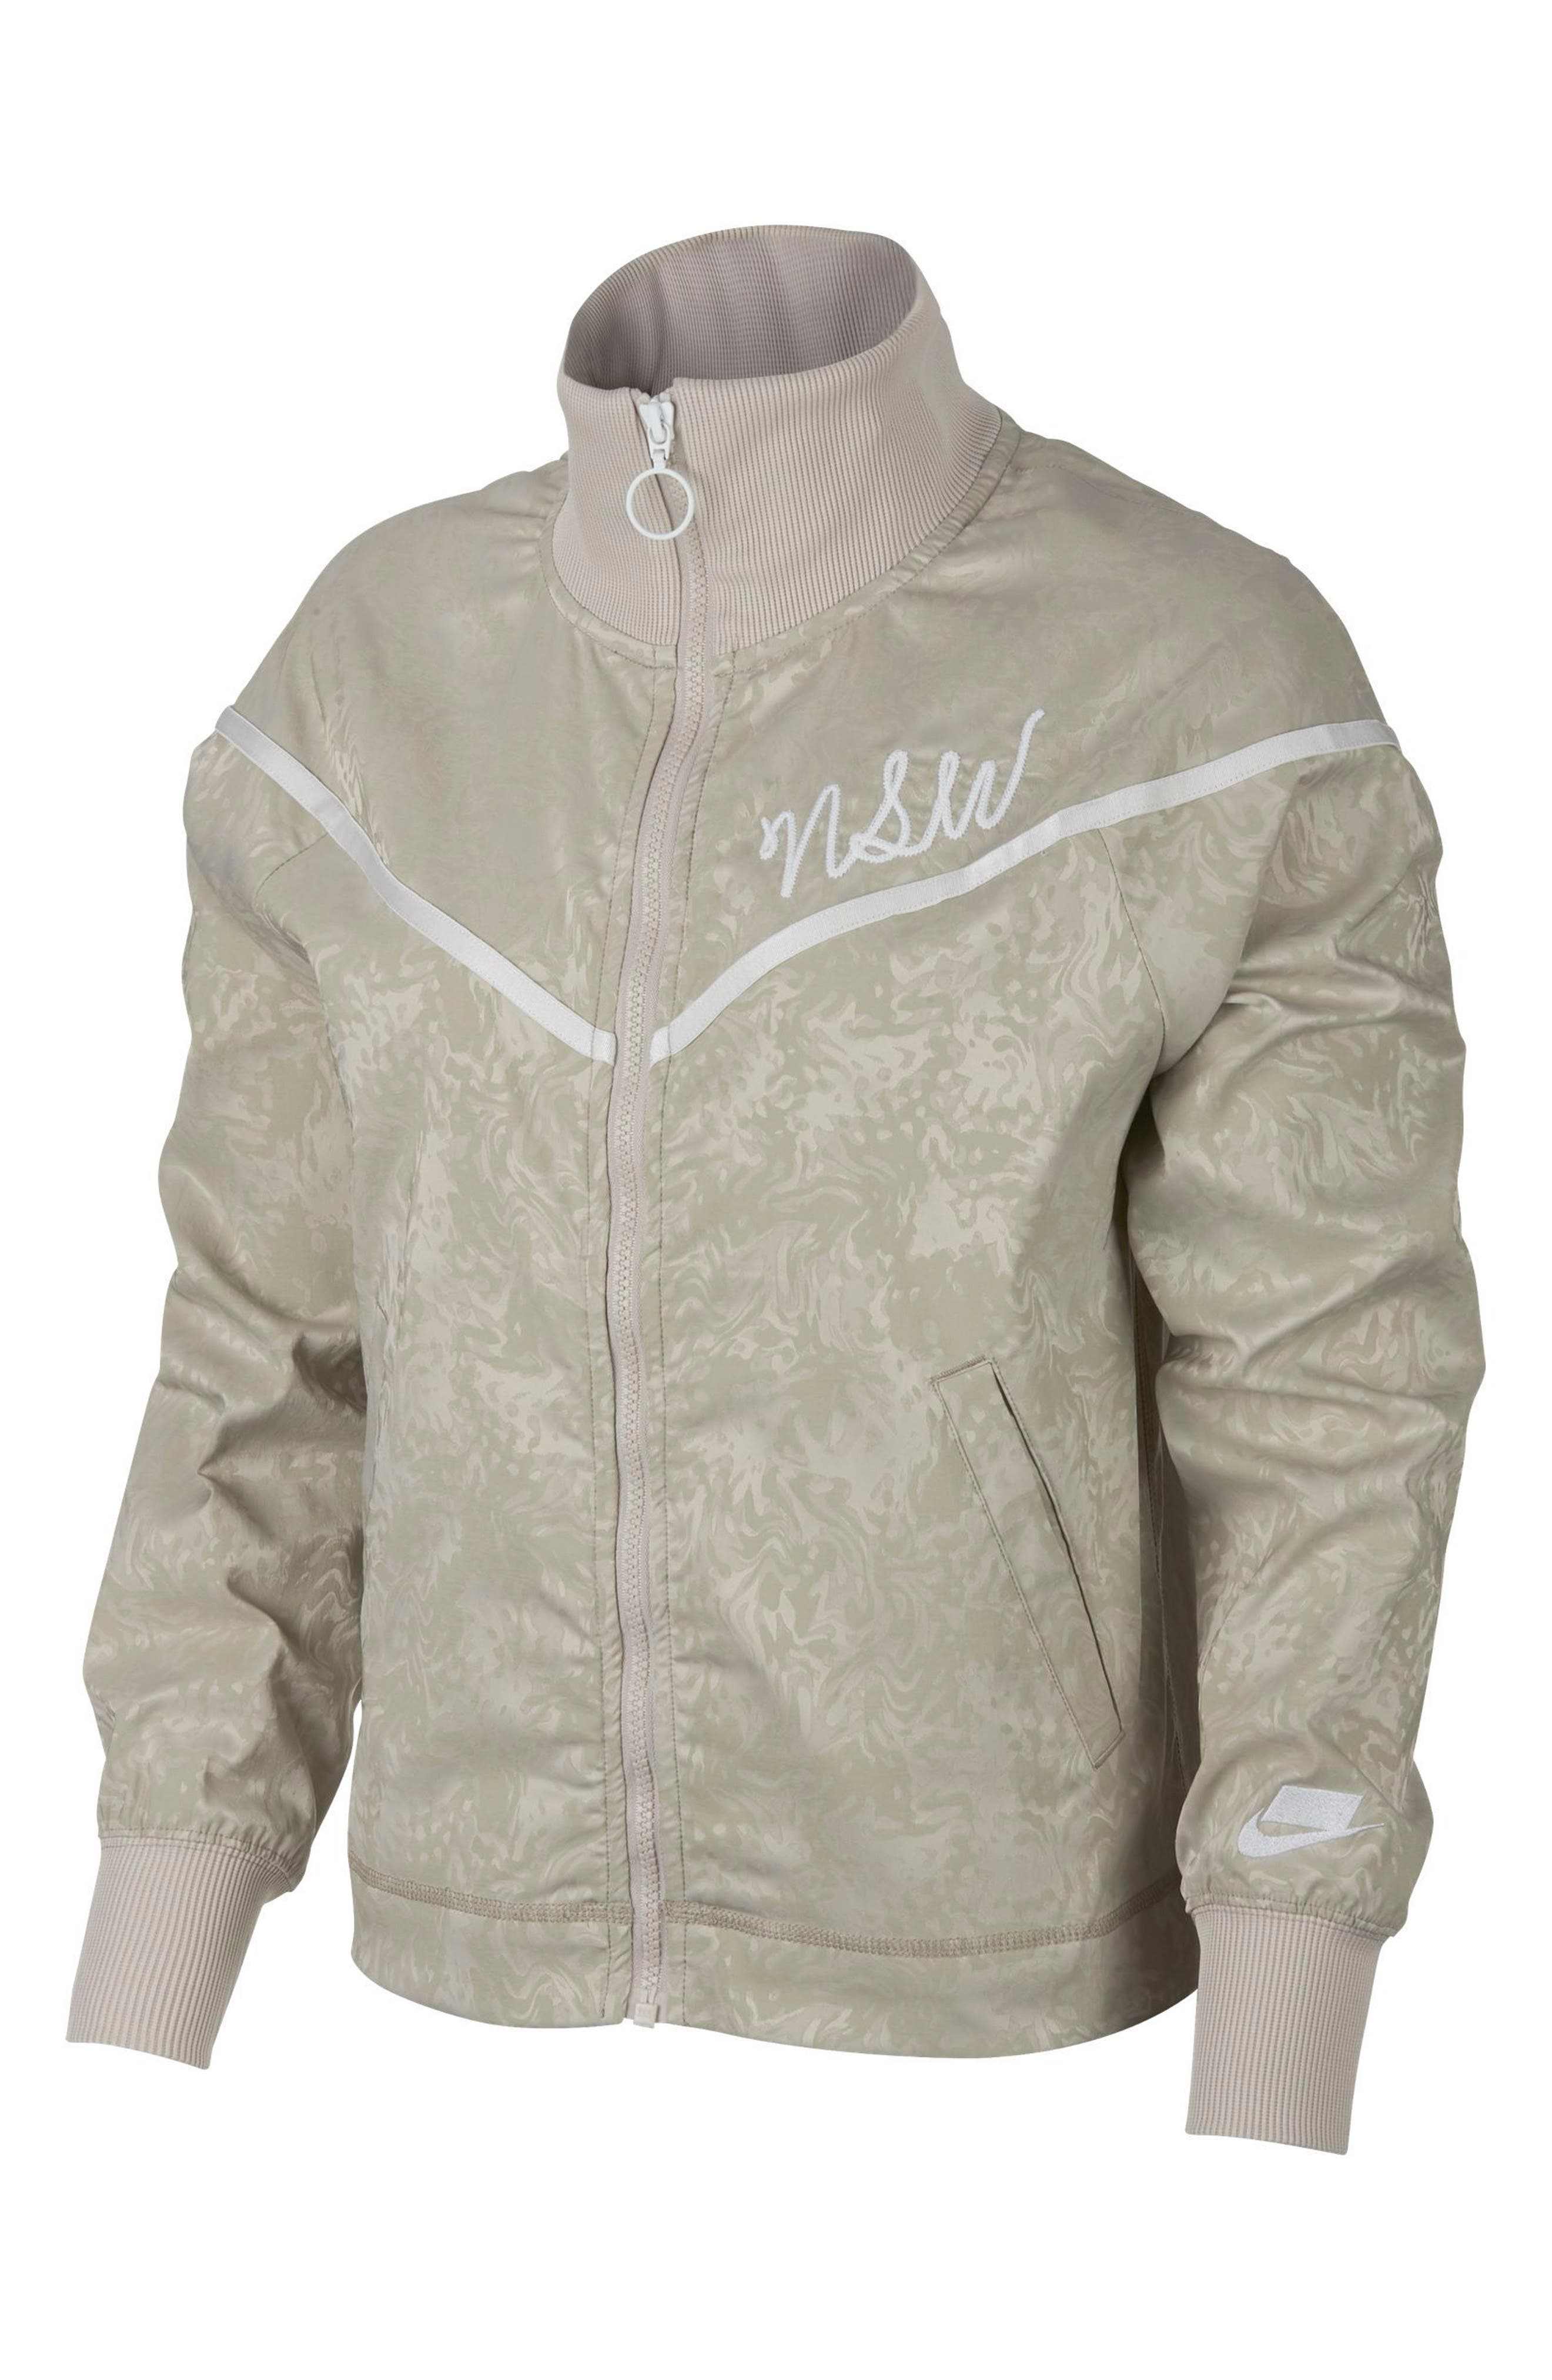 Sportswear NSW Women's Track Jacket,                             Alternate thumbnail 6, color,                             201